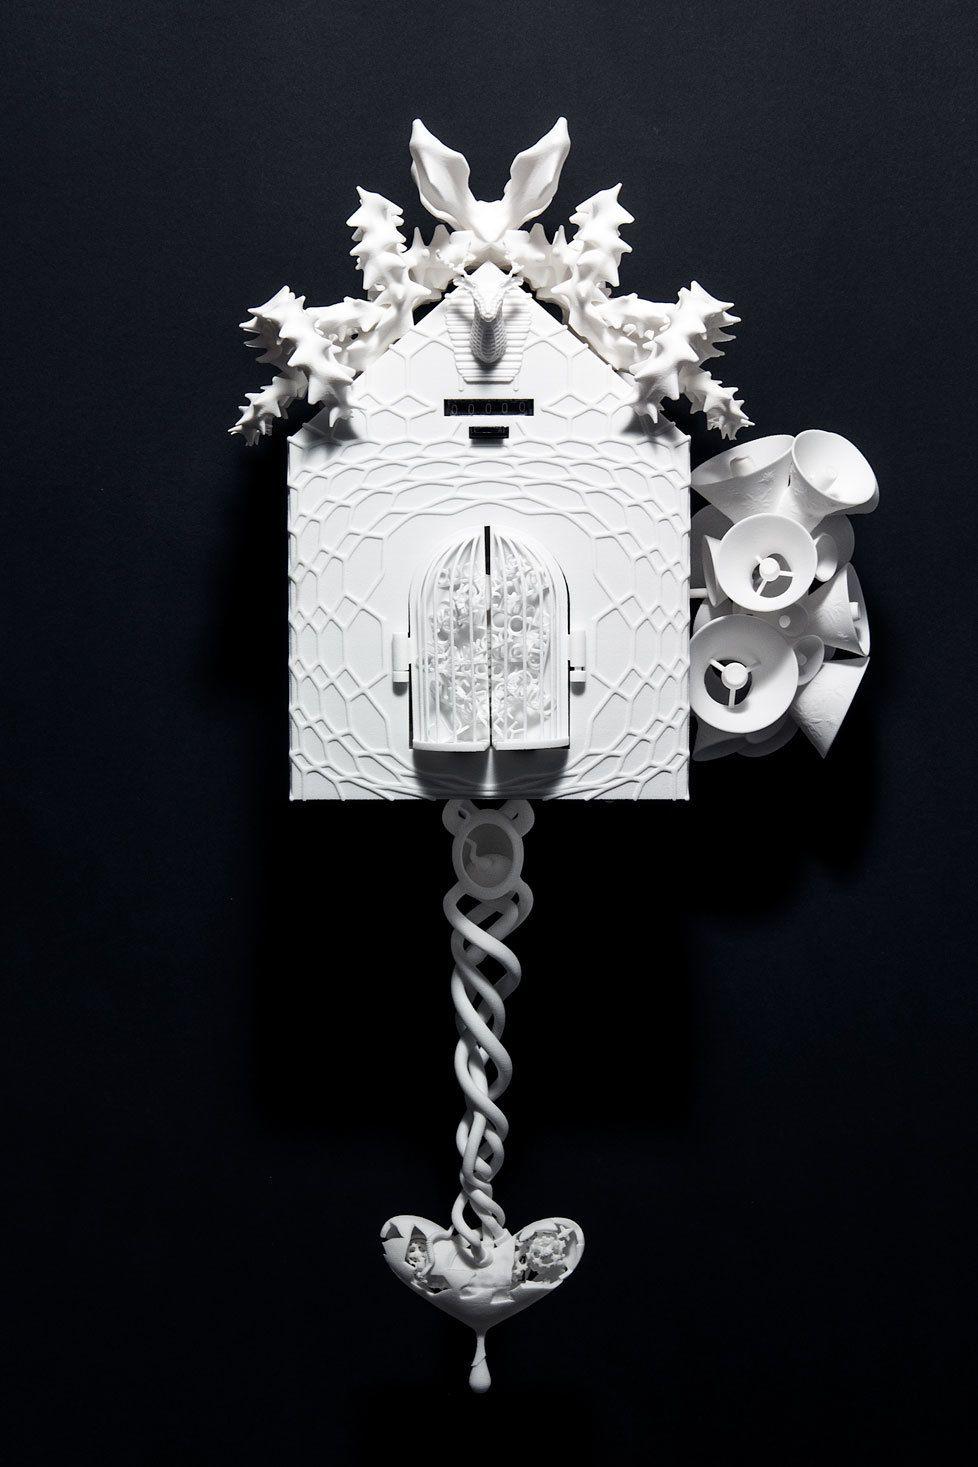 Sei artisti provenienti da tutto il mondo hanno ridisegnato l'orologio a cucù tradizionale con l'aiuto della stampa 3D, il risultato finale del progetto è alla mostra 3D Printshow a Londra.